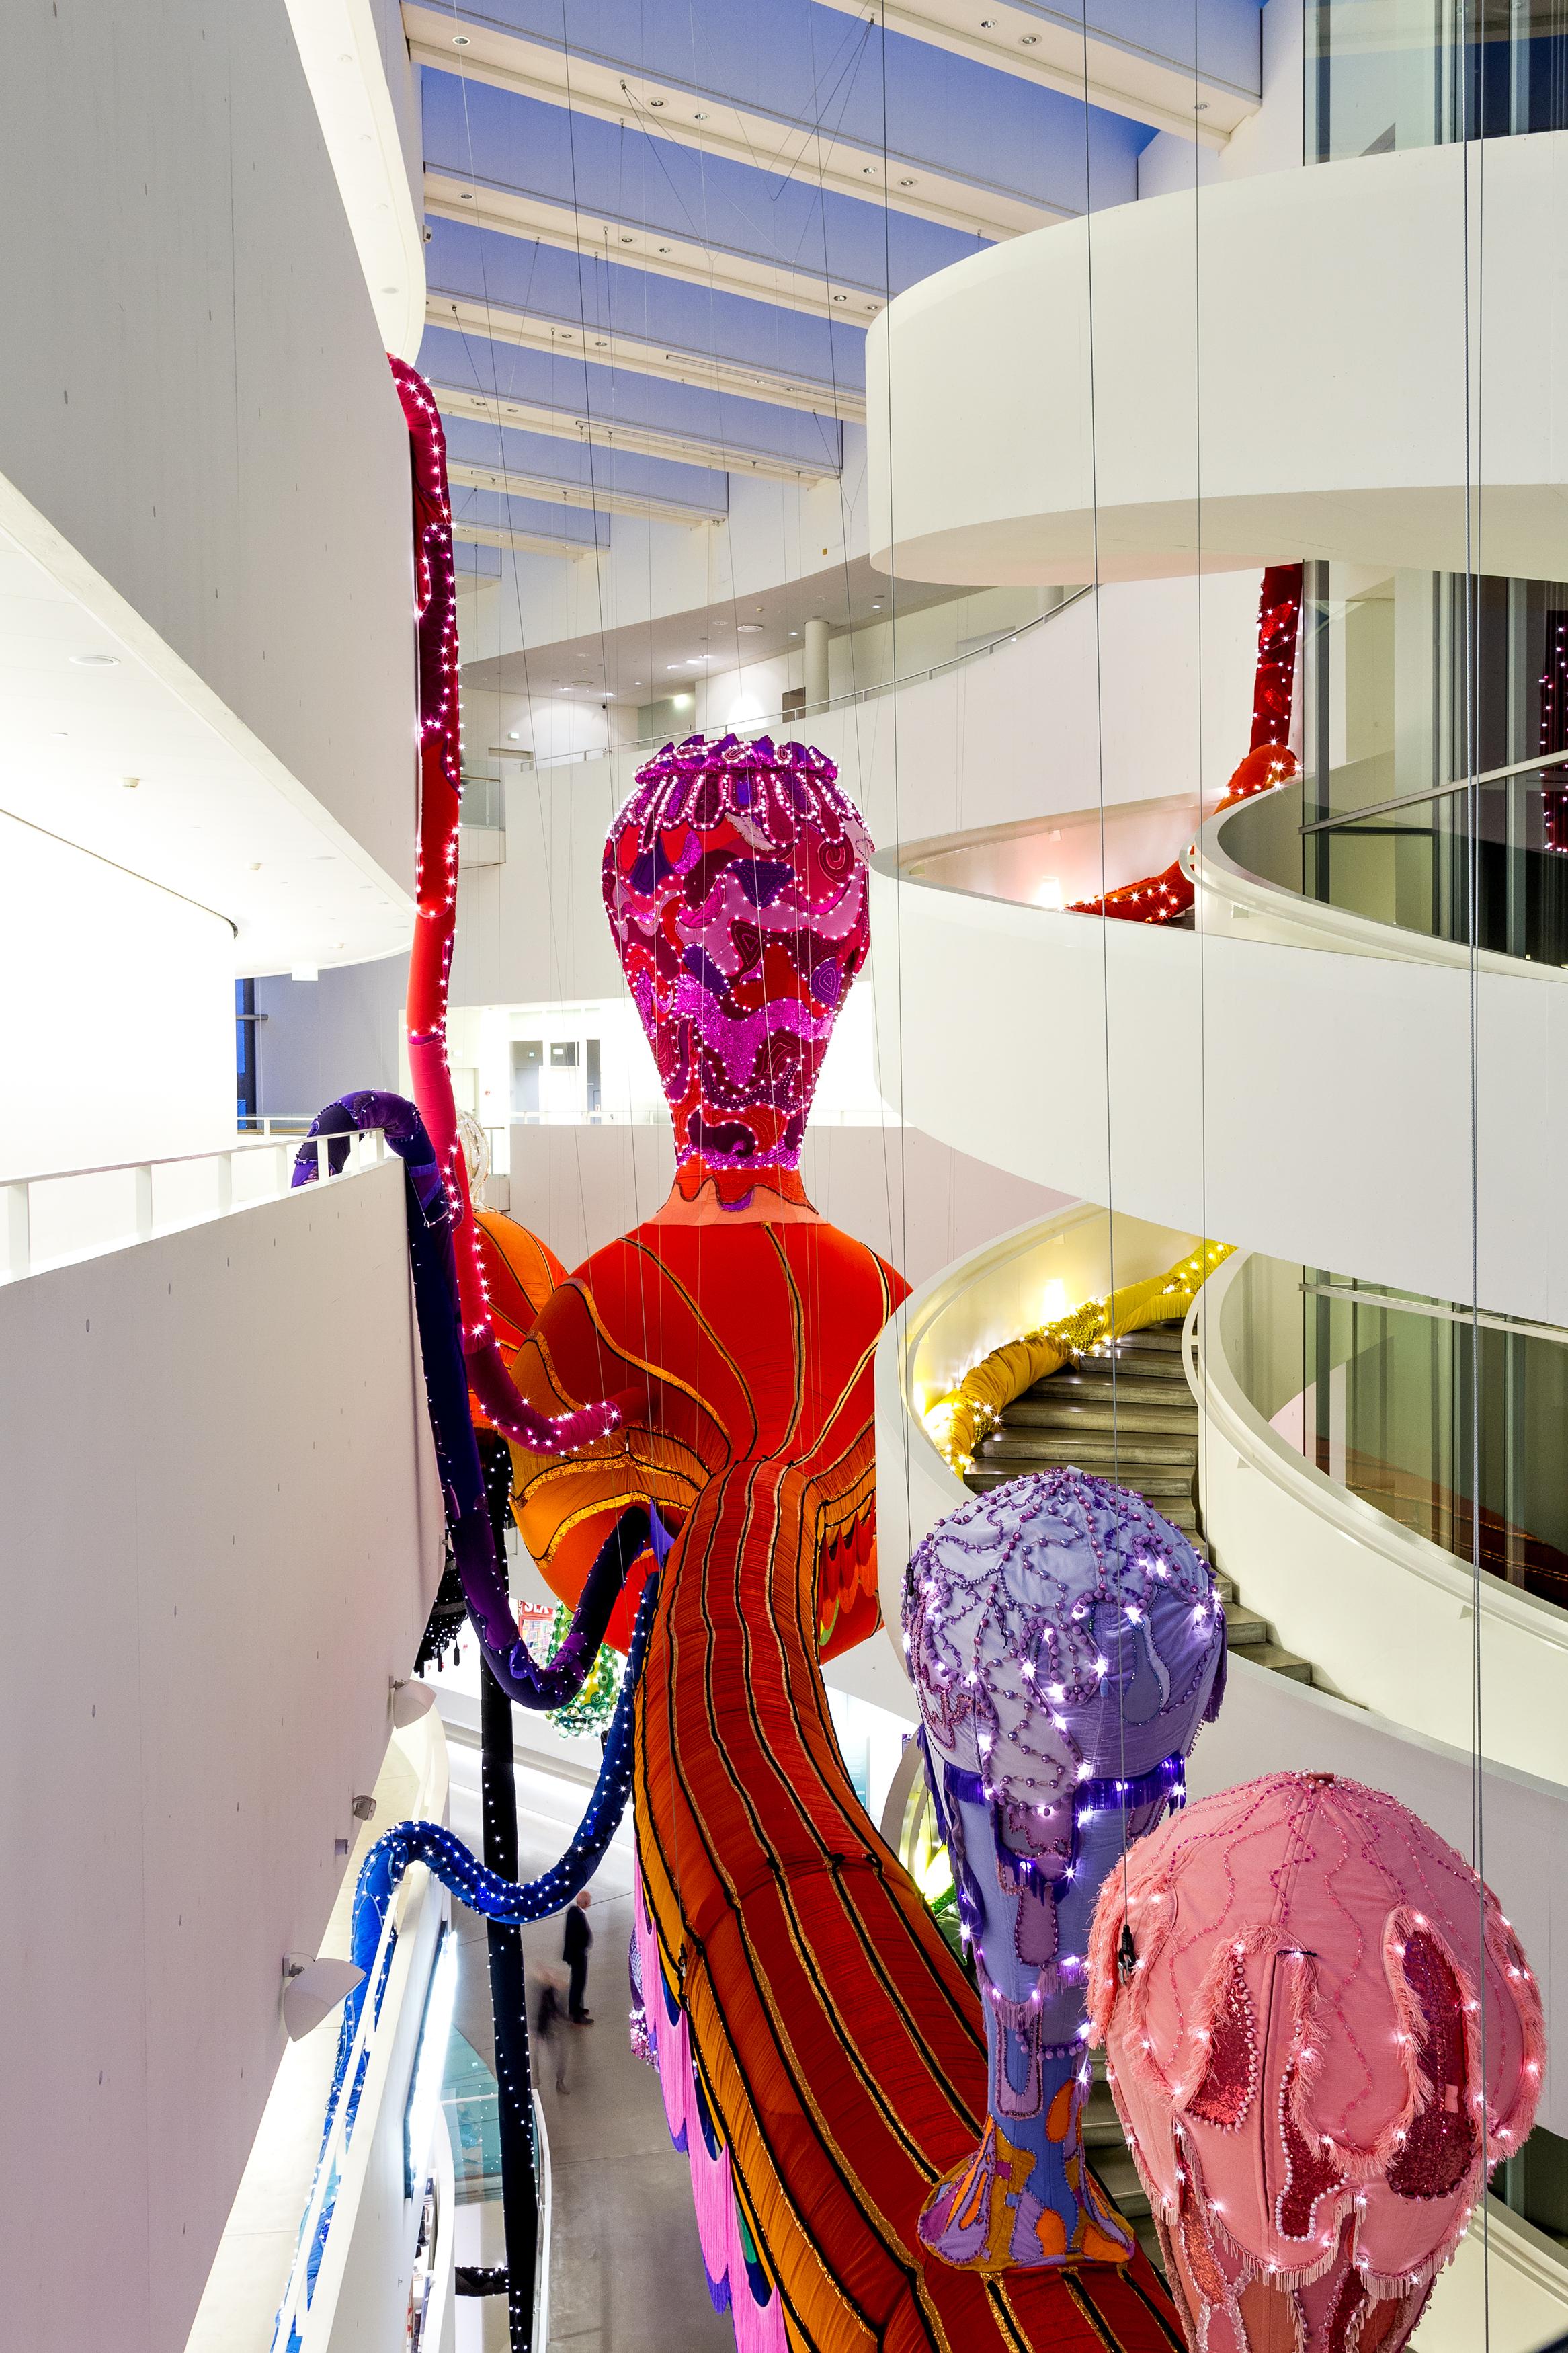 Oplev kunst i verdensklasse og fantastisk udsigt over Aarhus